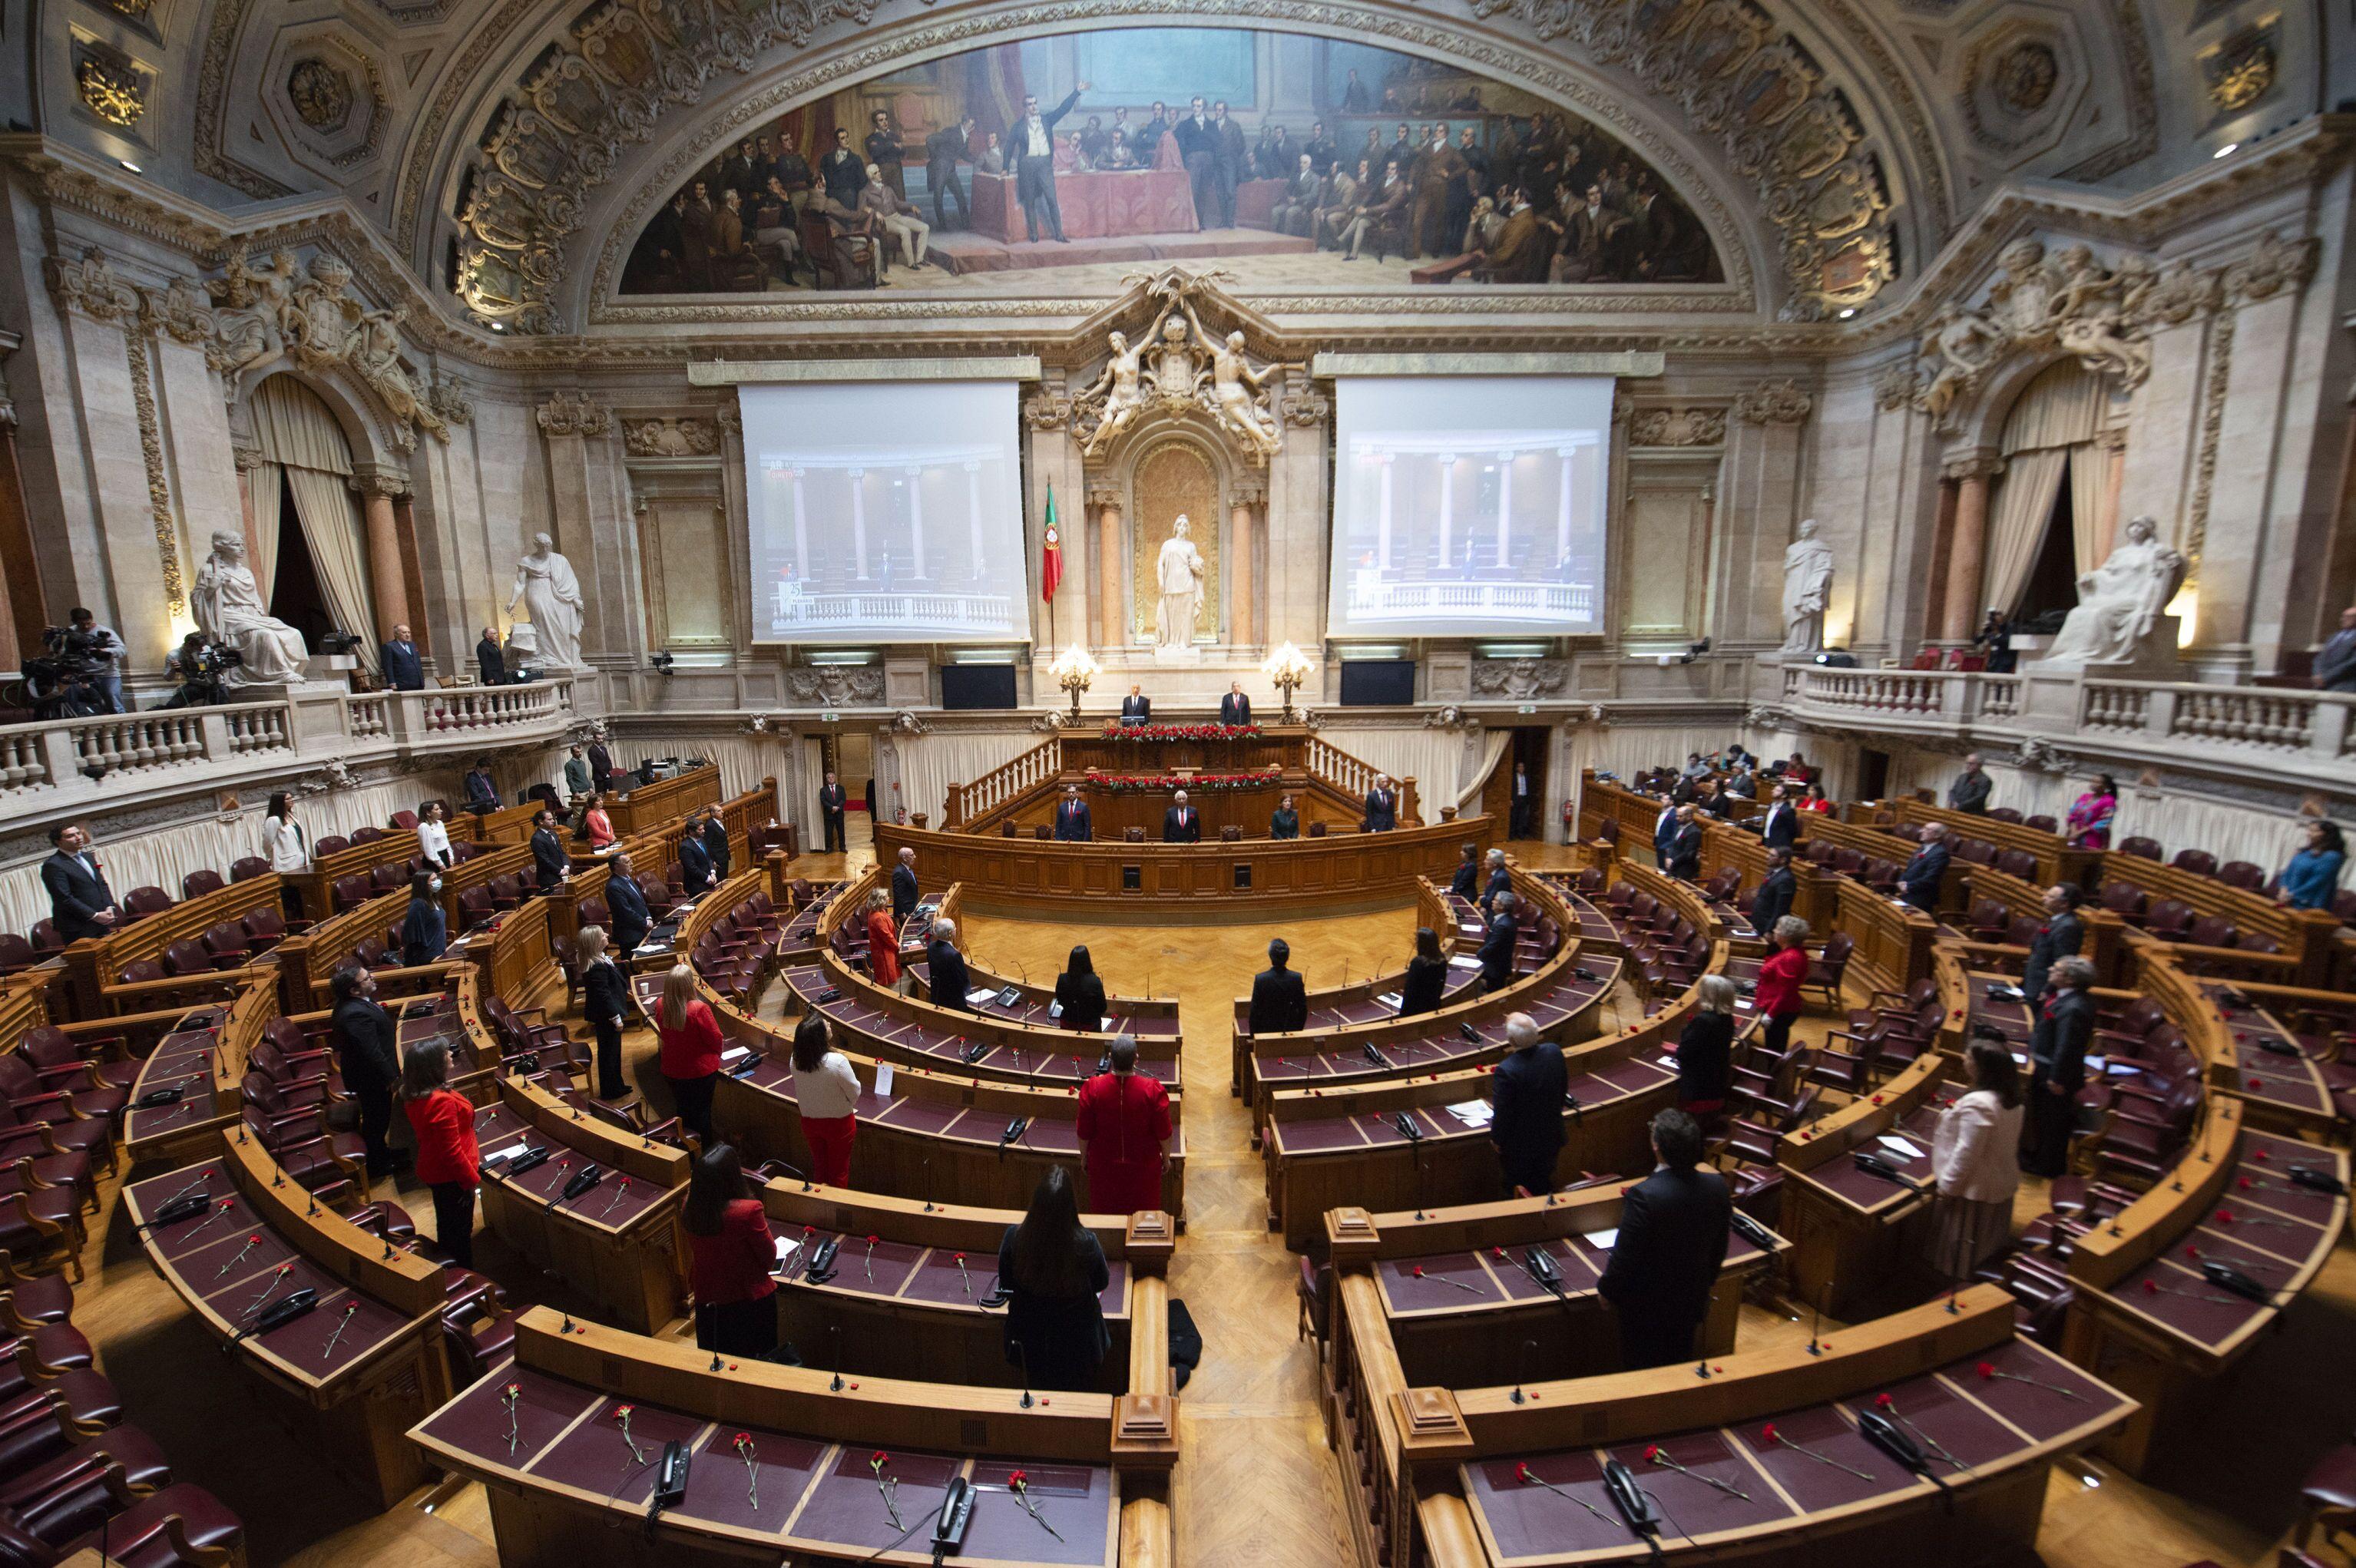 Sessão no Parlamento português em homenagem à Revolução dos Cravos, com número restritos de participantes por causa da pandemia